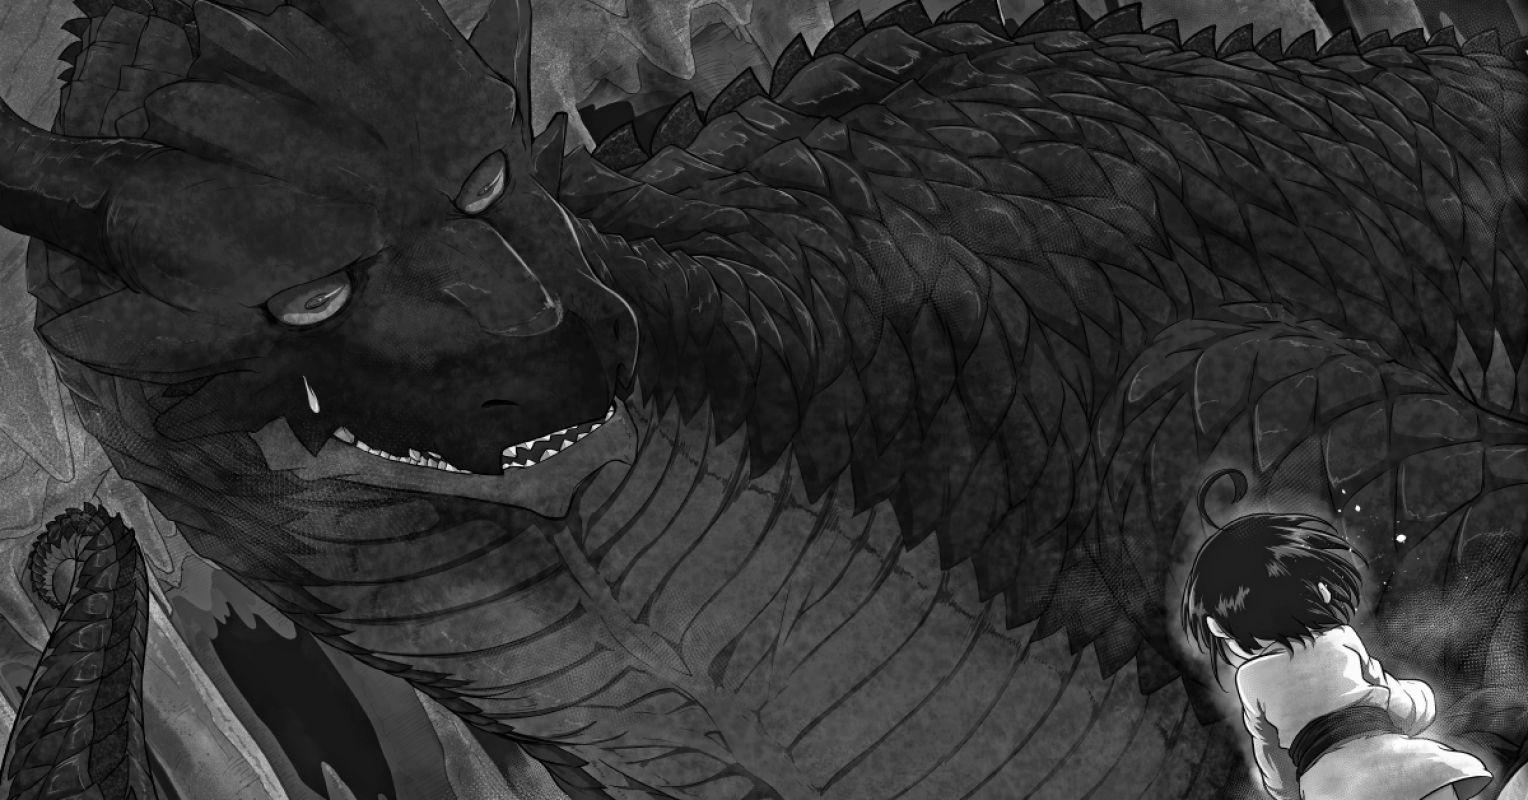 Découvrez les premières pages du manga Le Puissant Dragon Vegan !